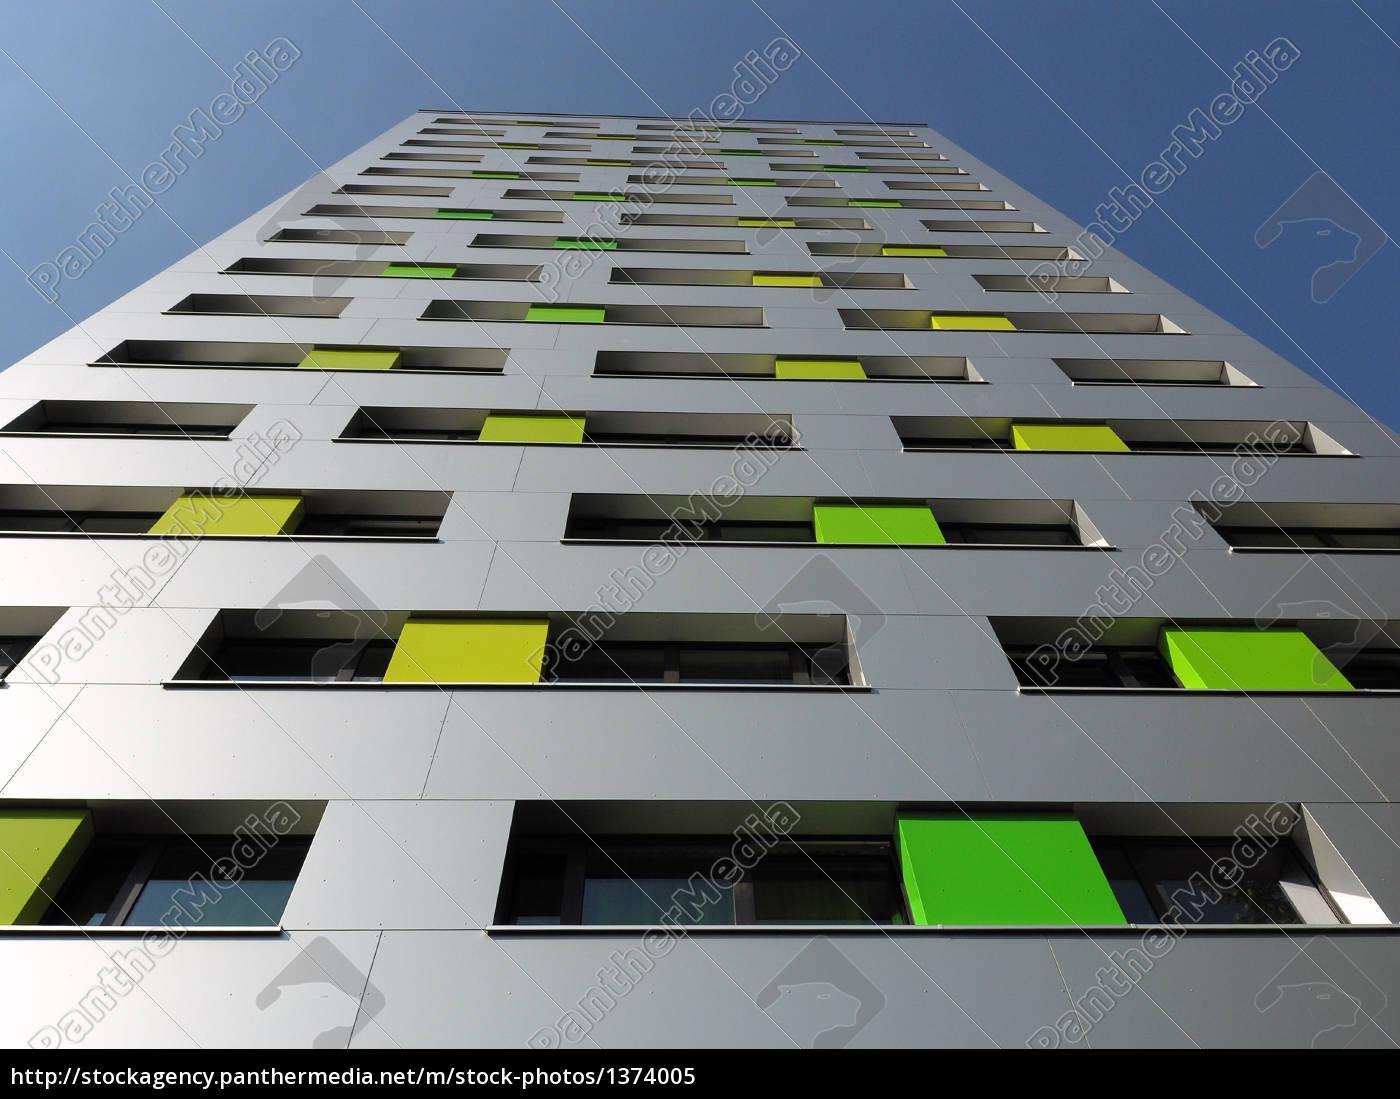 facade, skyscraper, silver, metallic - 1374005